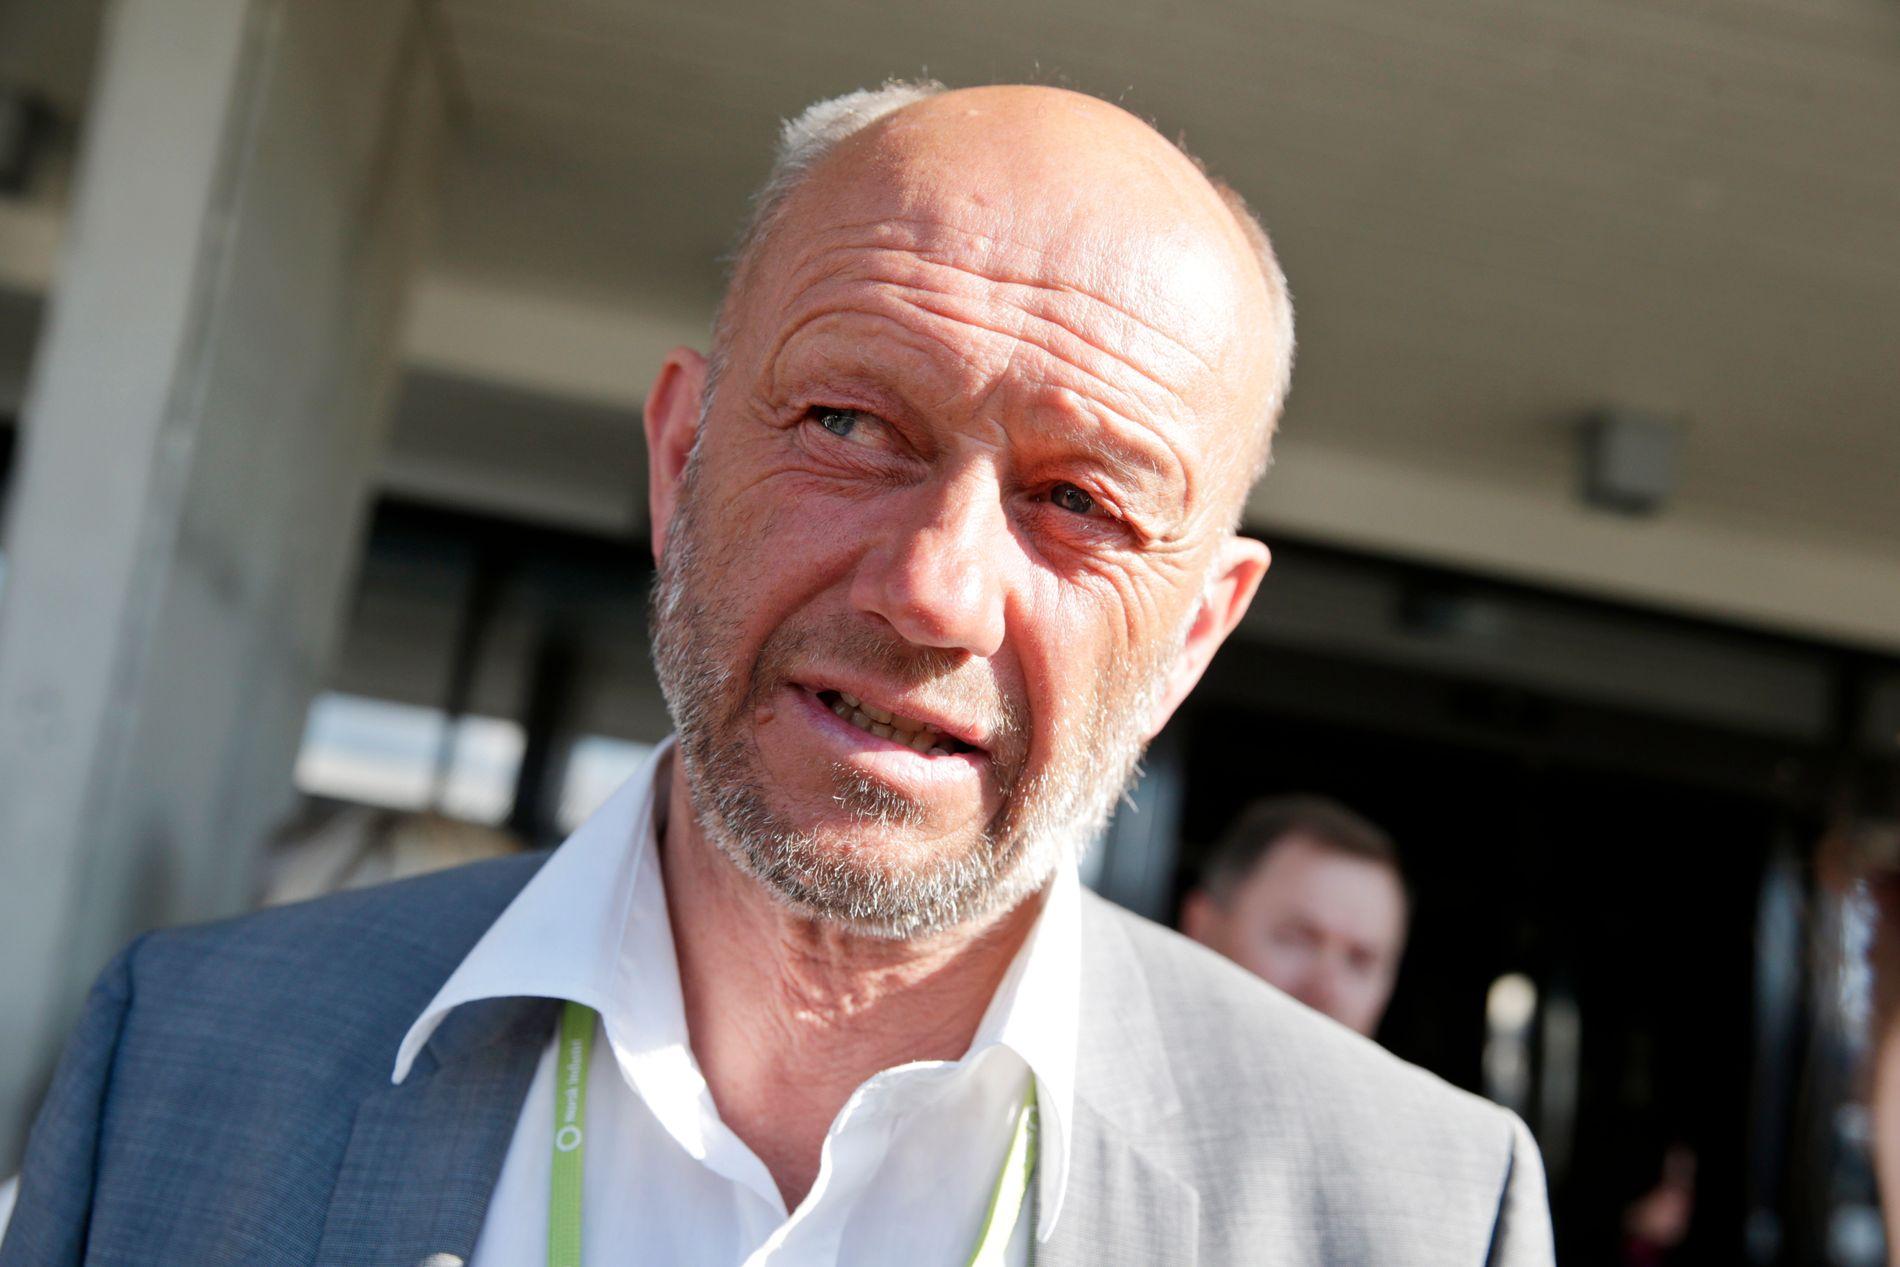 UTFORDRER: Administrerende direktør Stein Lier Hansen i Norsk Industri løfter i dag frem en debatt, som blant annet handler om menn som forblir utenfor jobblivet.